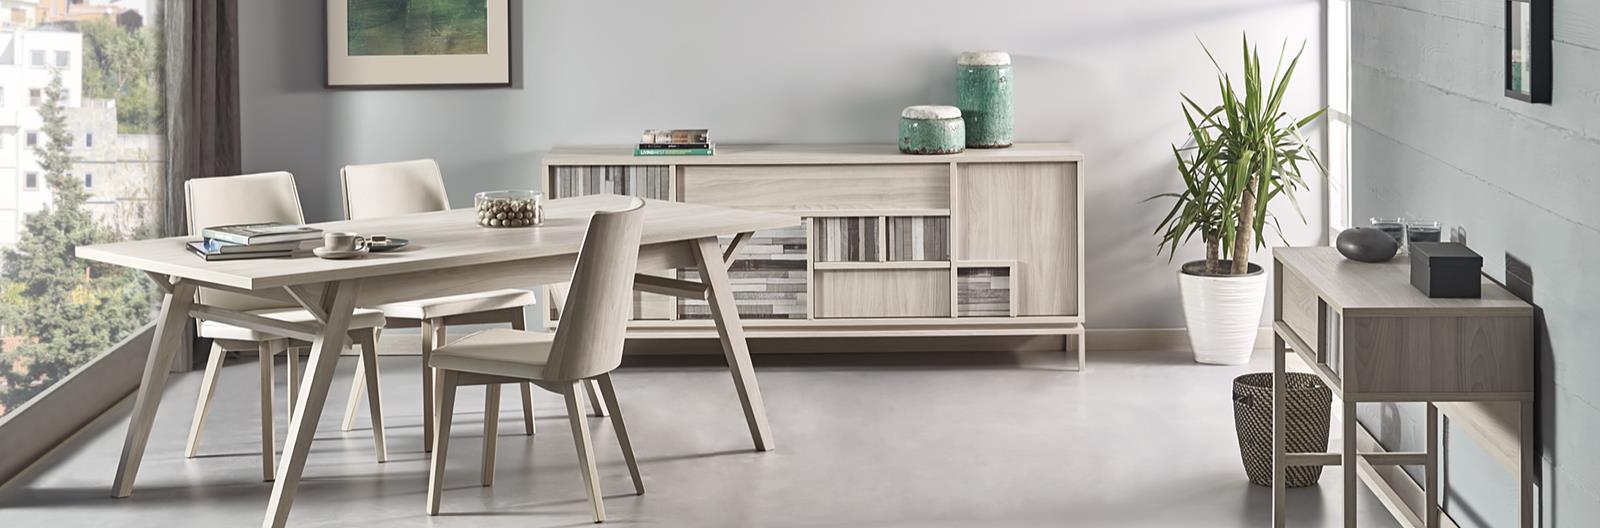 Kelebek Mobilya Falter Mutfak Masa Sandalye Takımı